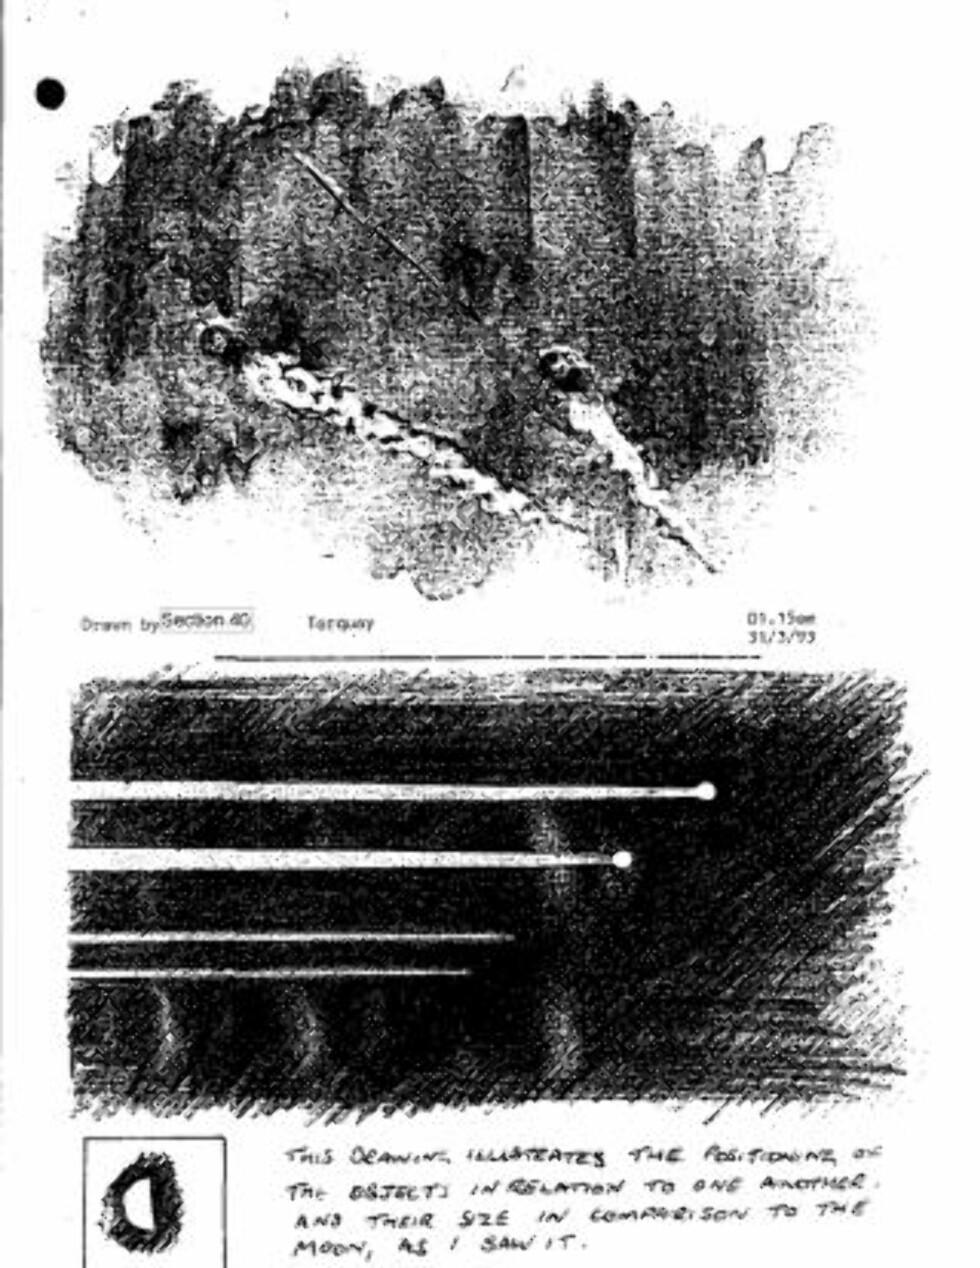 UFORKLARLIG: Mange observasjoner av uforklarlige lys på himmelen er dokumentert i arkivet.